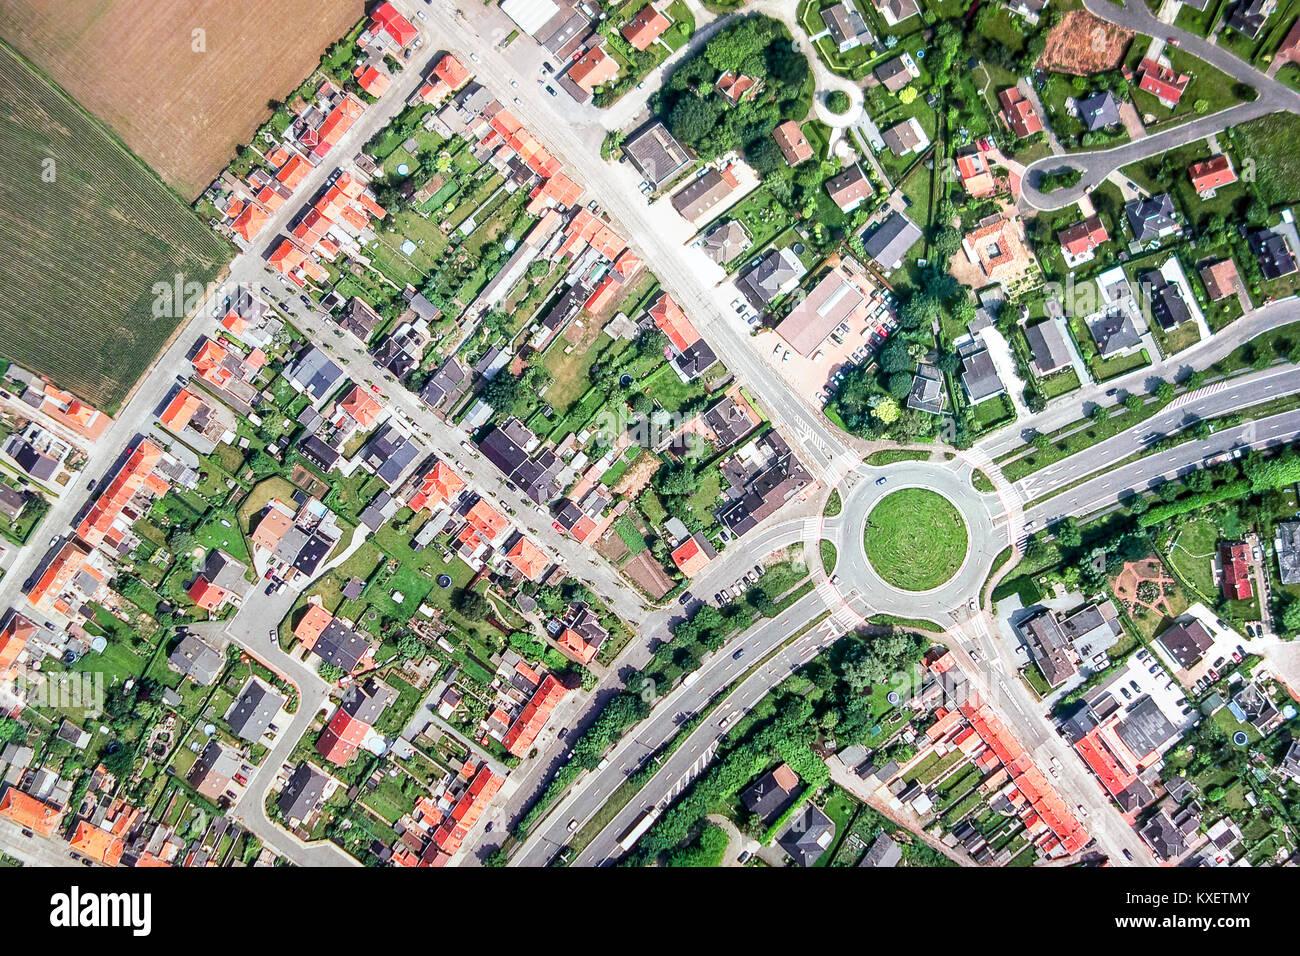 Kreisverkehr/Kreisverkehr/Straße Kreis/Rotary/Rotunde / Insel im Dorf Stockbild